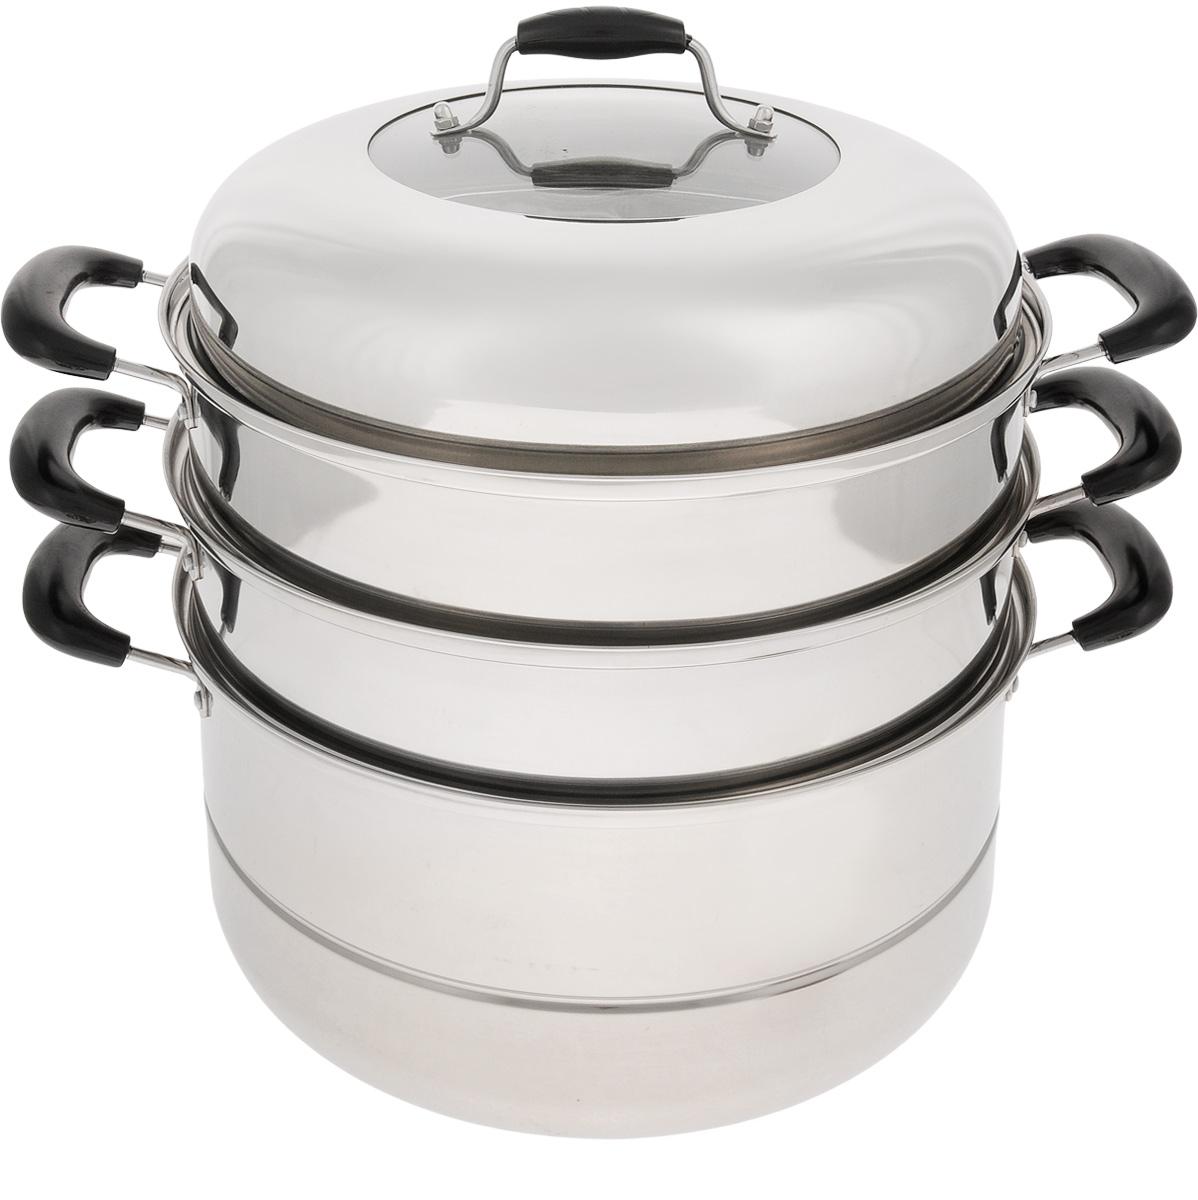 Мантоварка  Mayer & Boch  с крышкой, 3-уровневая, 10,5 л. 3440 - Посуда для приготовления